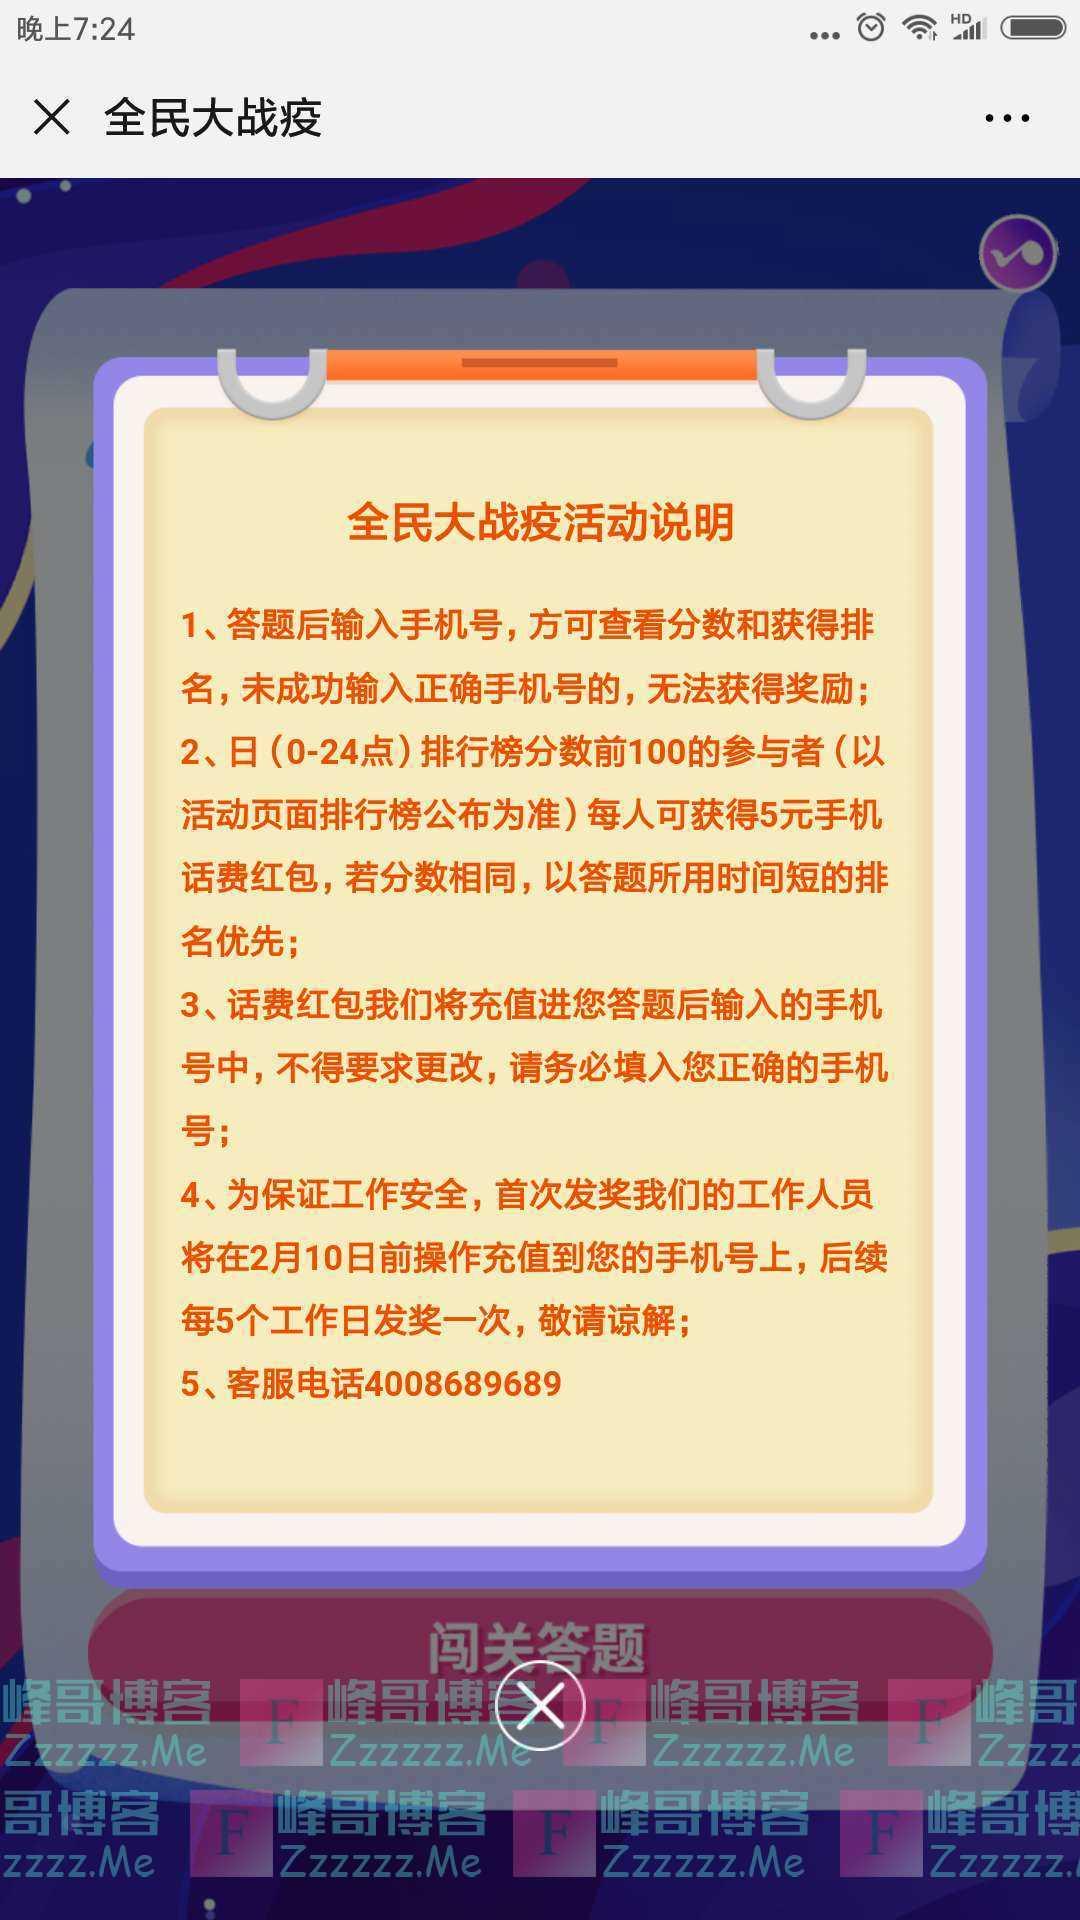 翼视讯防疫知识有奖问答(截止2月29日)